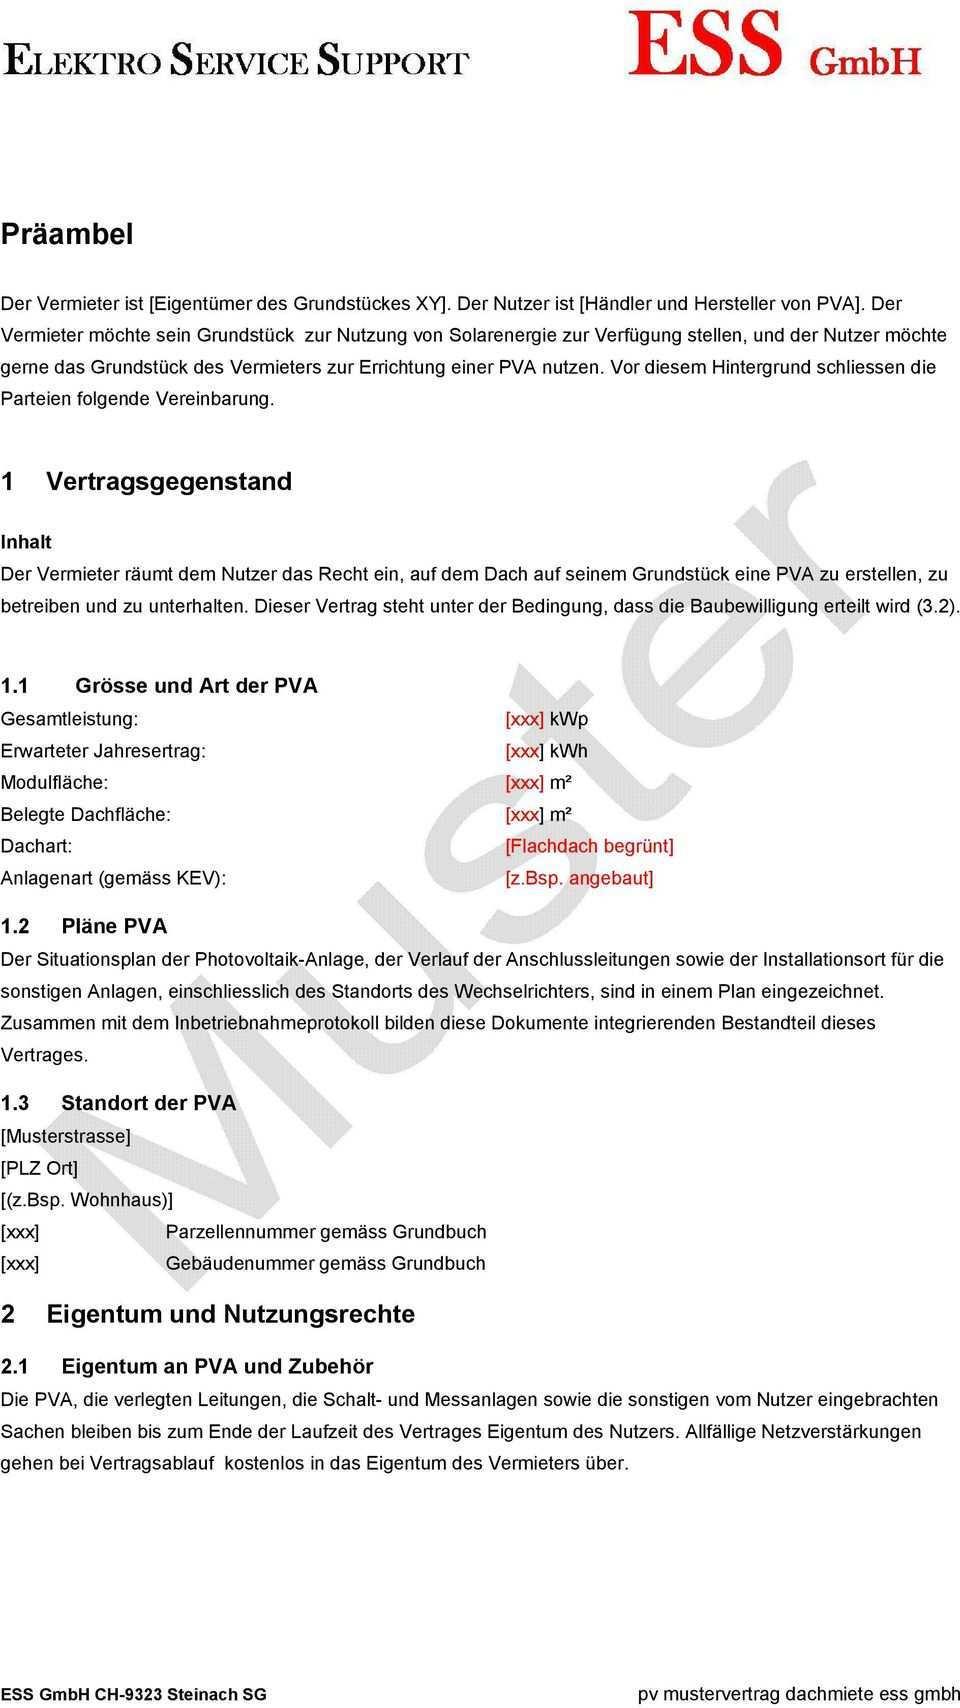 Vertrag Fur Dachnutzung Zum Betrieb Einer Photovoltaikanlage Pdf Free Download